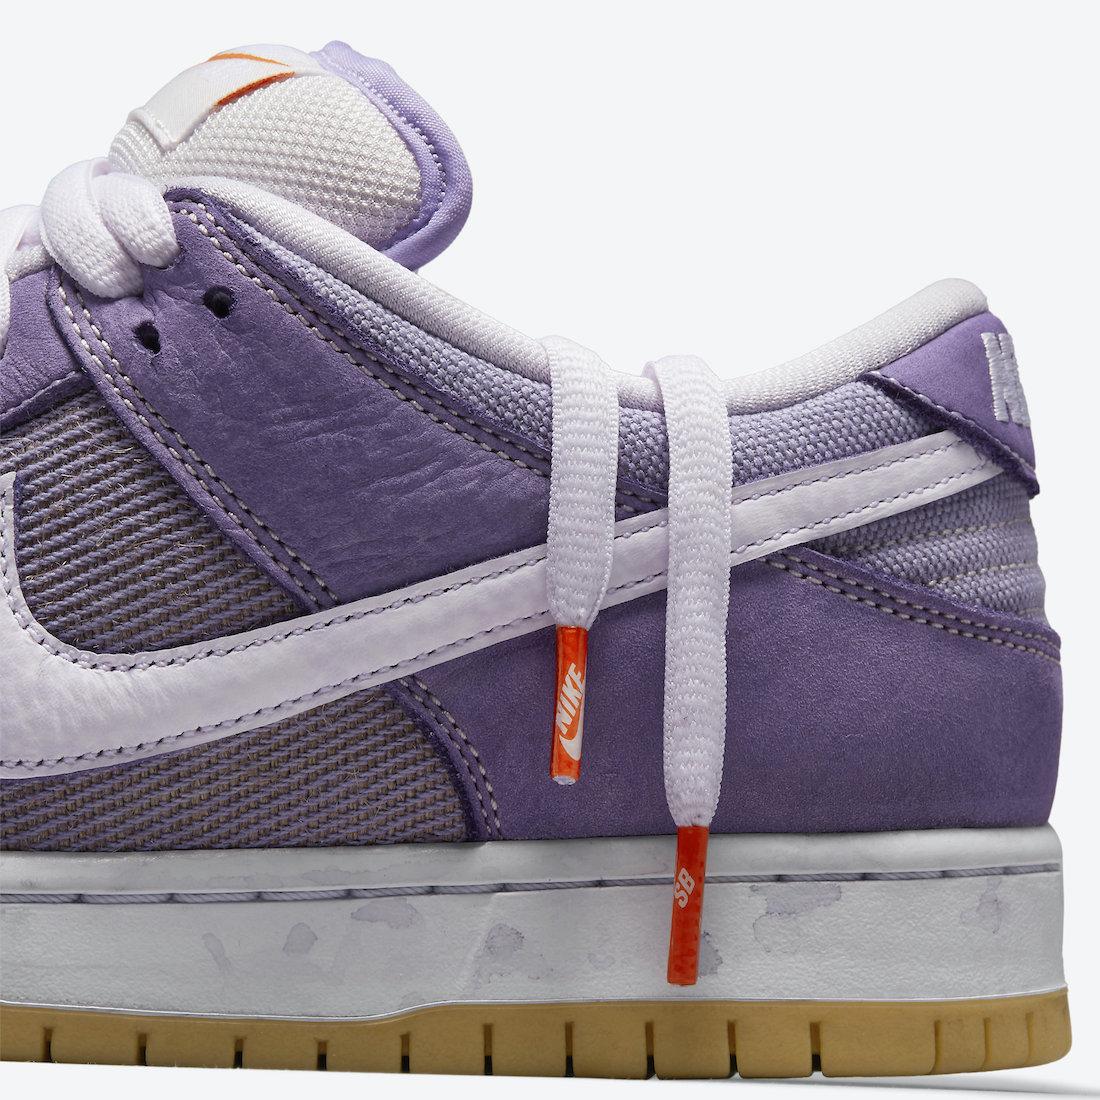 Nike SB Dunk Low Orange Label Unbleached Pack DA9658-500 Release Date Info